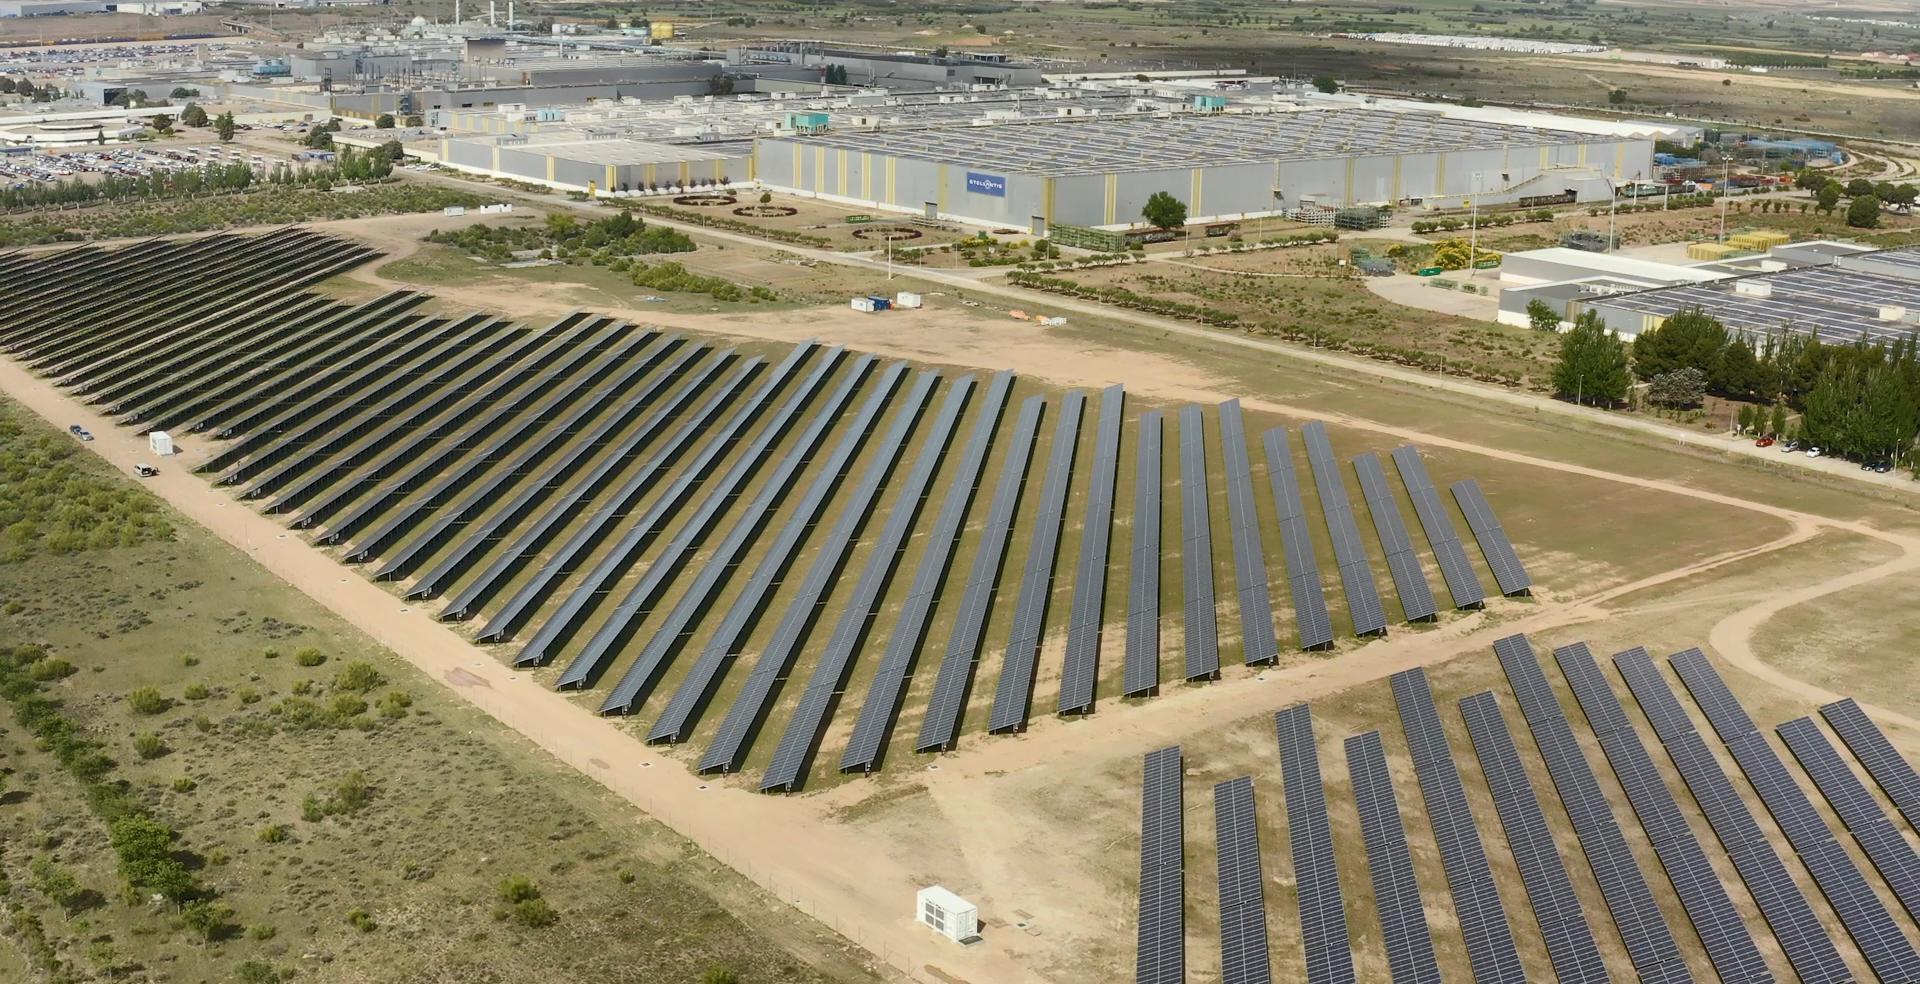 Stellantis Zaragoza instala 19.200 placas solares que cubren el 15% de sus necesidades energéticas.